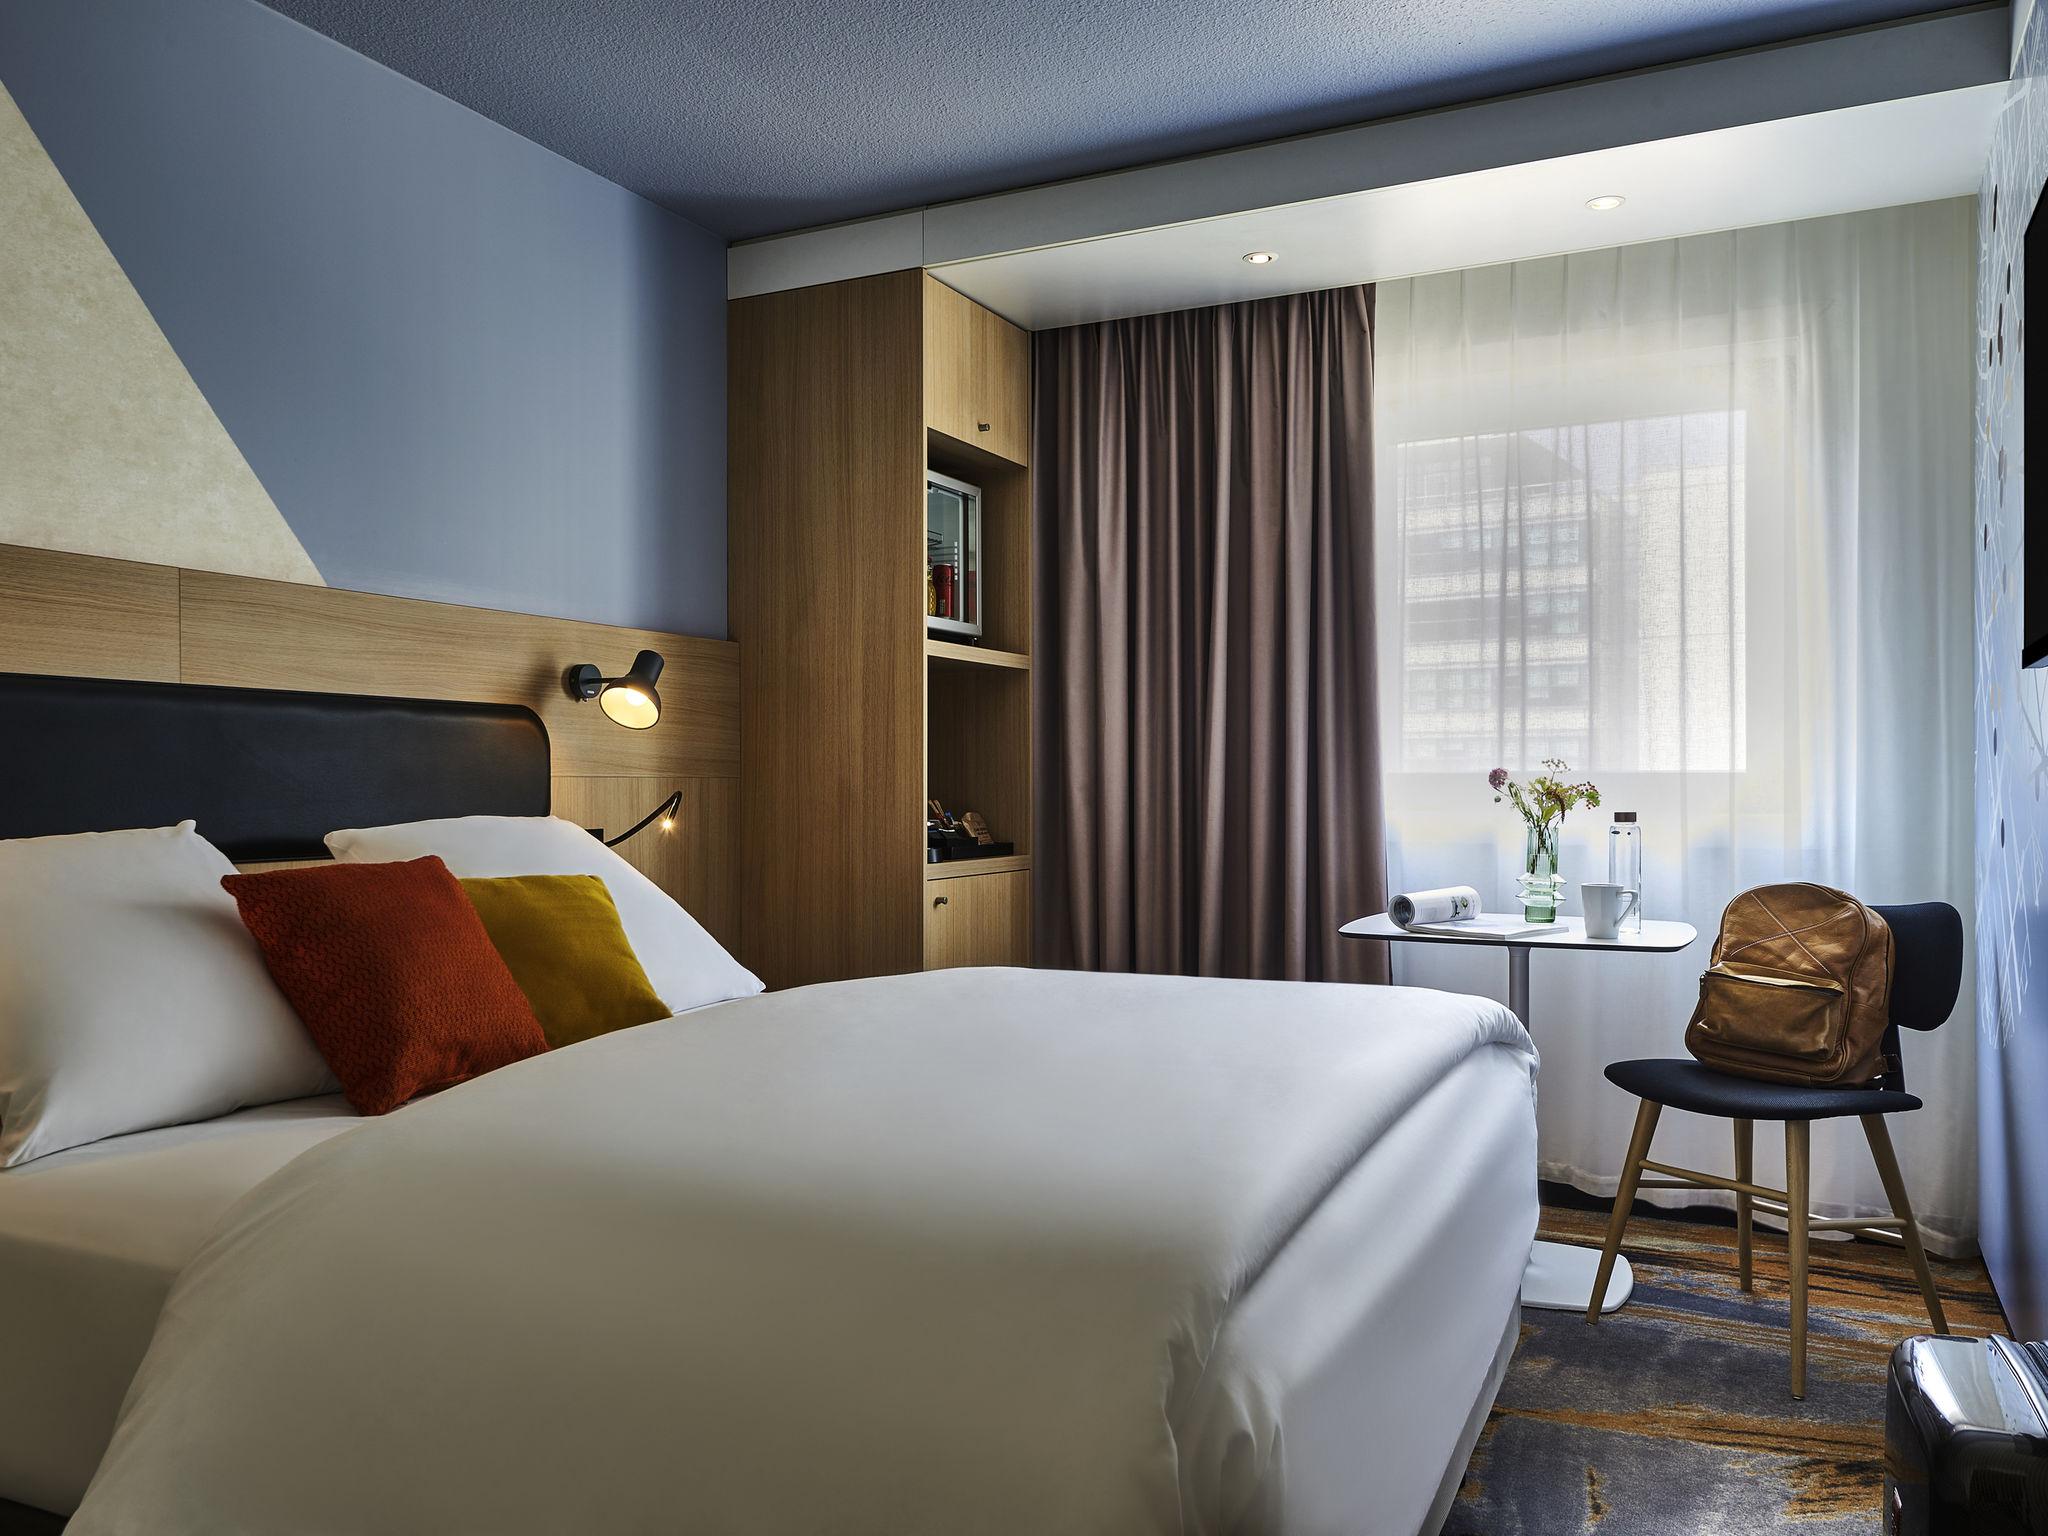 호텔 – 머큐어 파리 가르 드 리옹 TGV 호텔